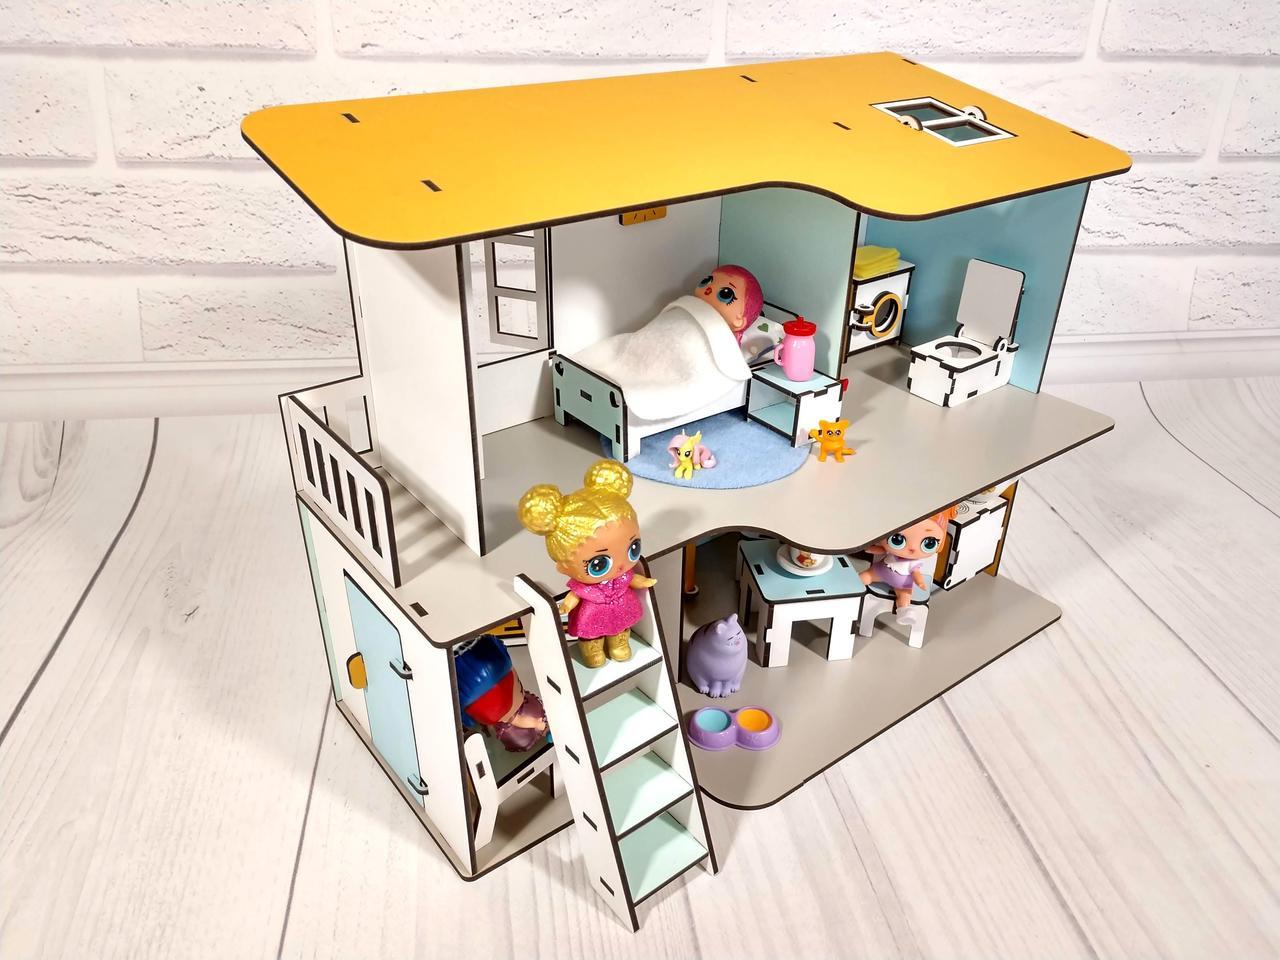 Двухэтажный пляжный домик для кукол с мебелью и текстилем